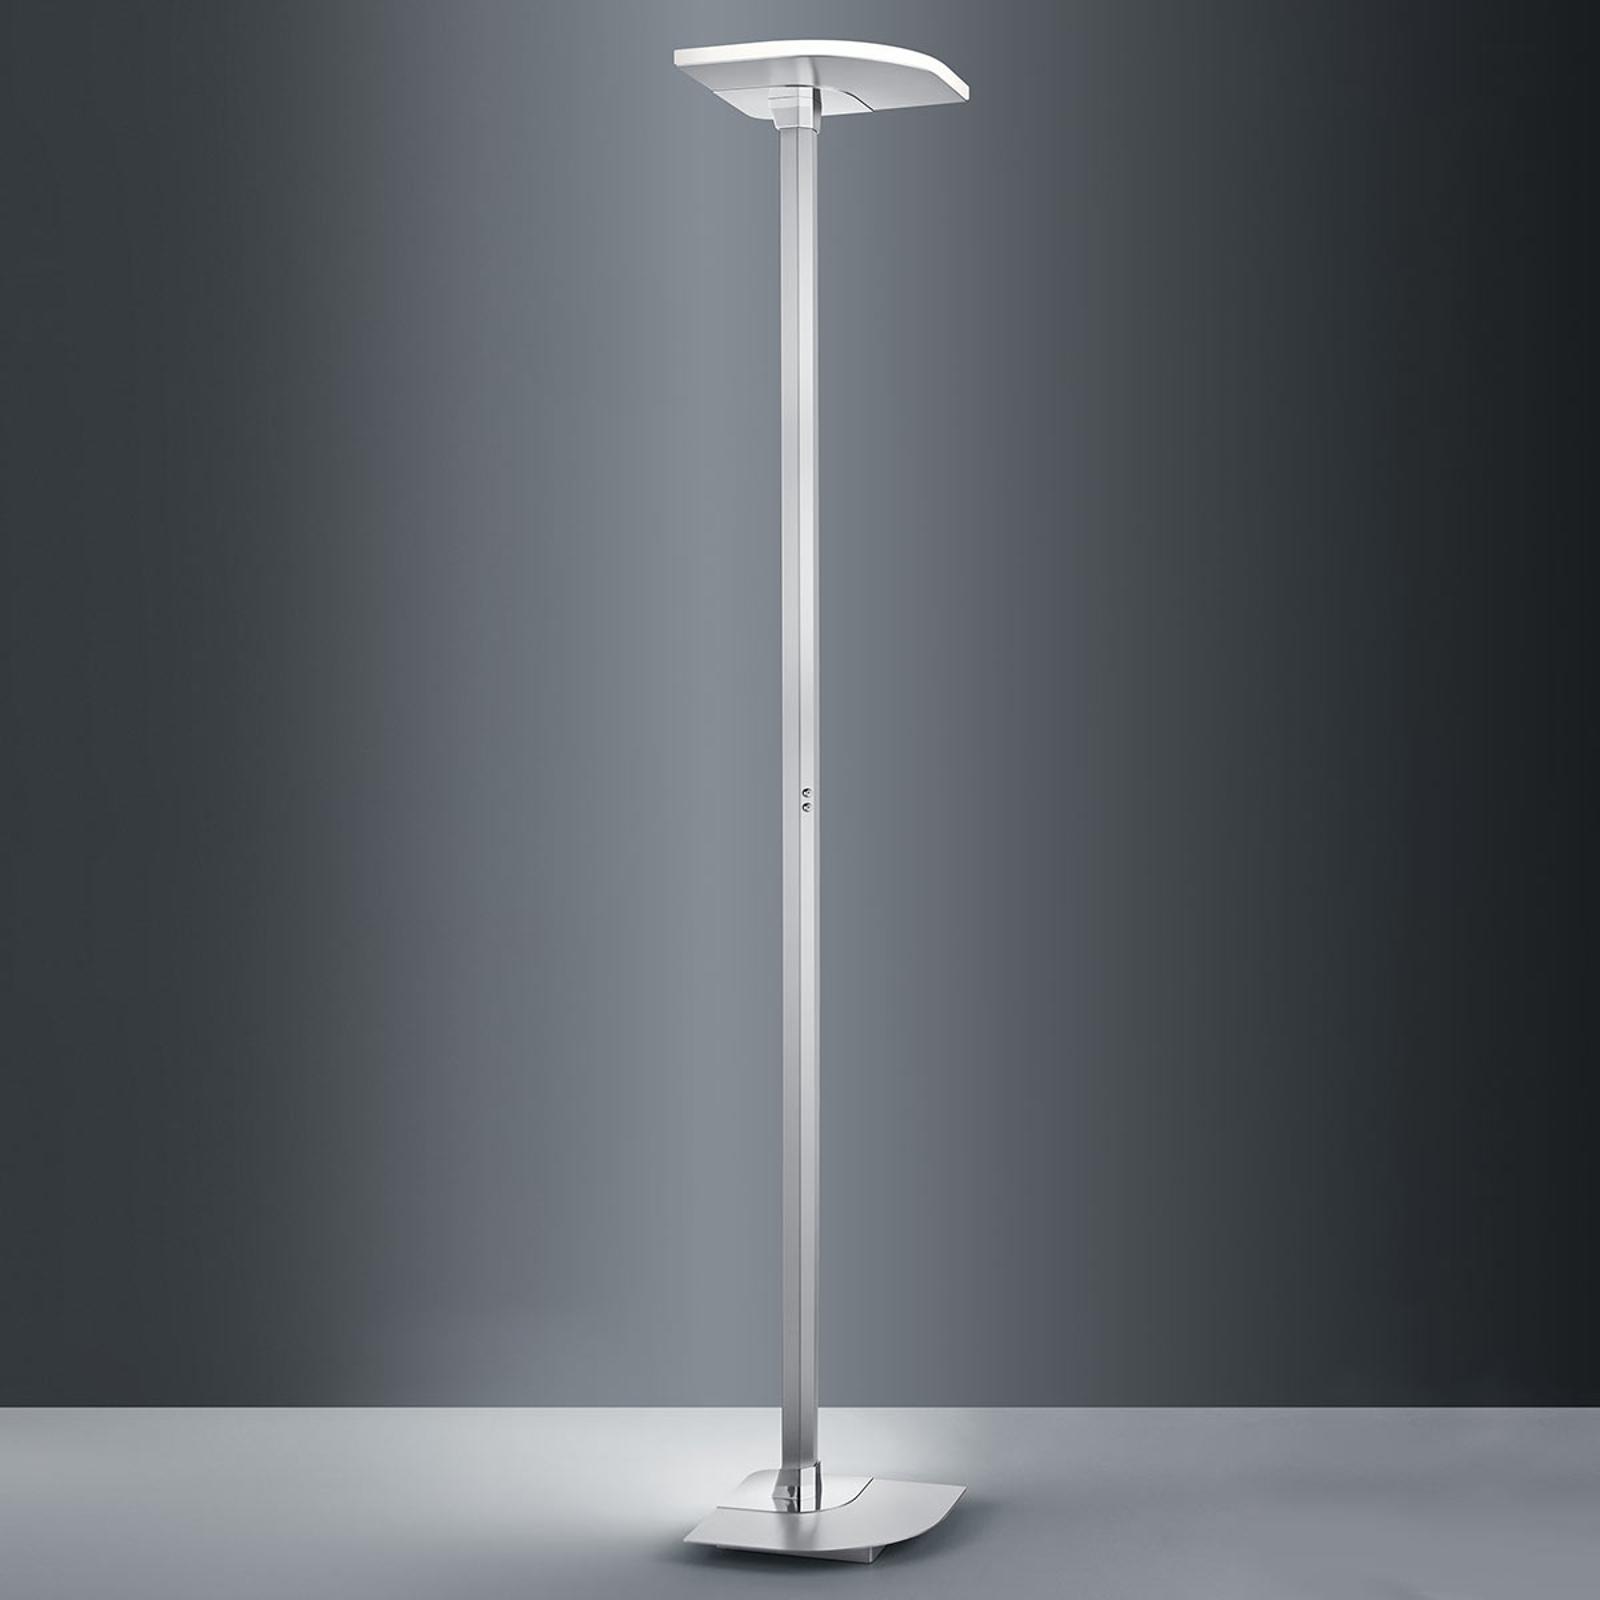 BANKAMP Enzo lampadaire LED, compatible ZigBee